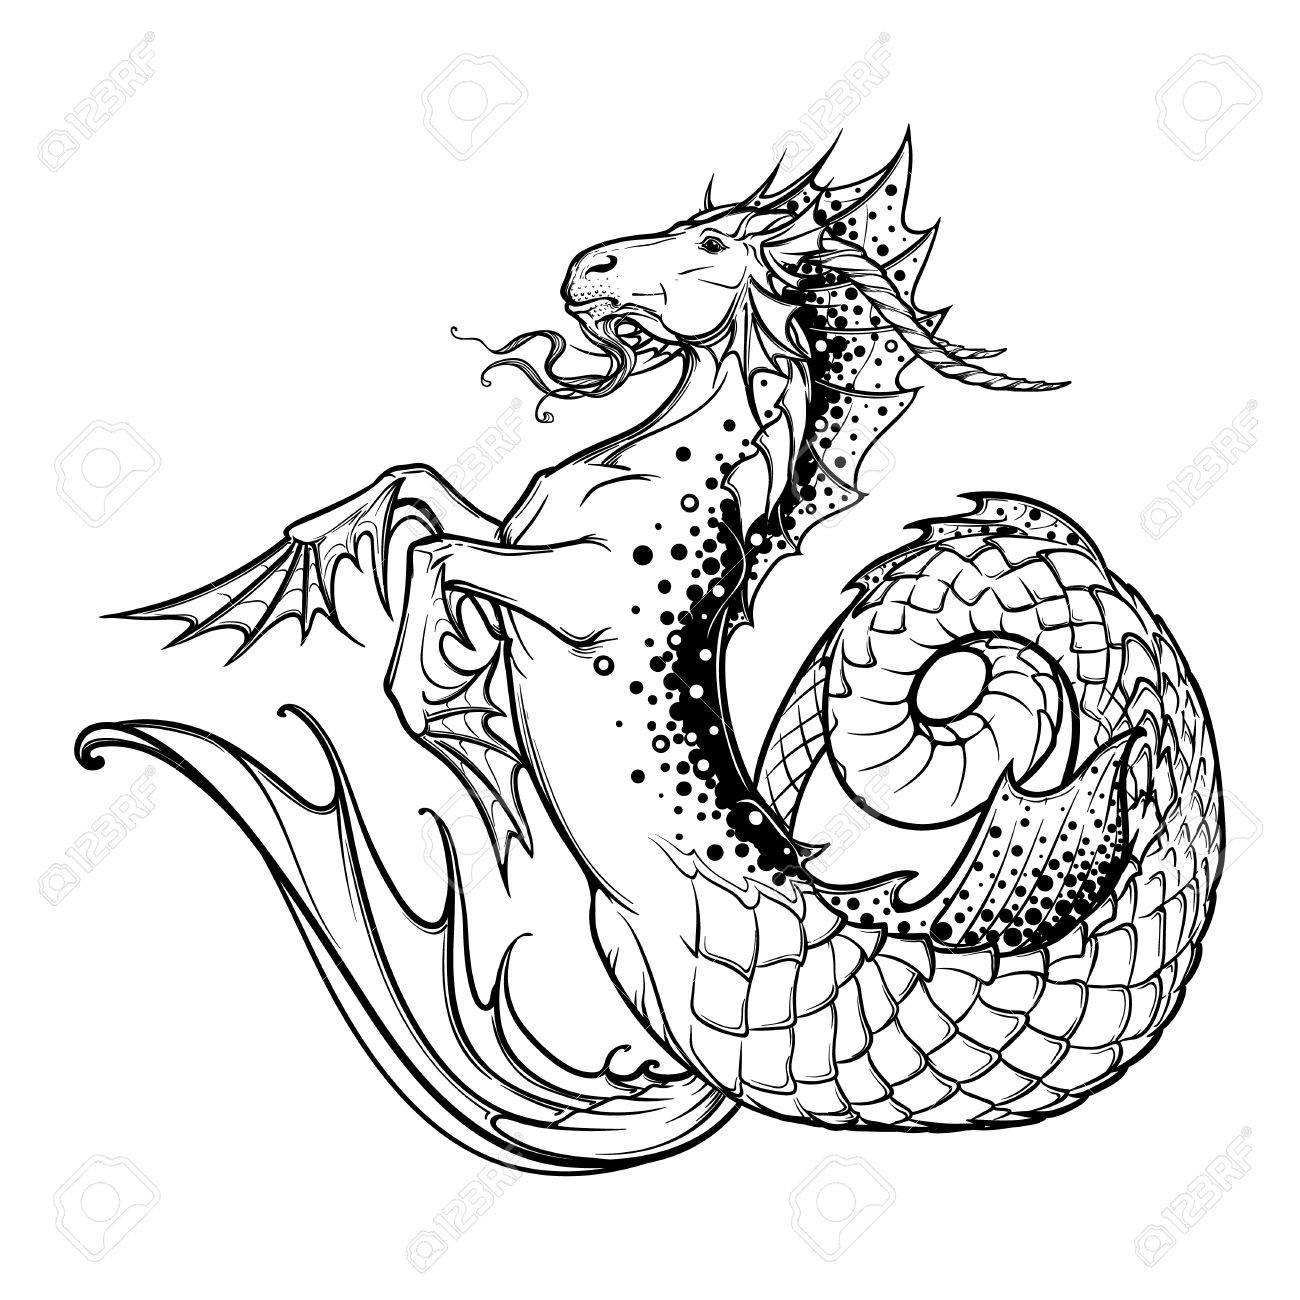 1300x1300 Zodiac Sign Capricorn. Fantastic Sea Creature With Body